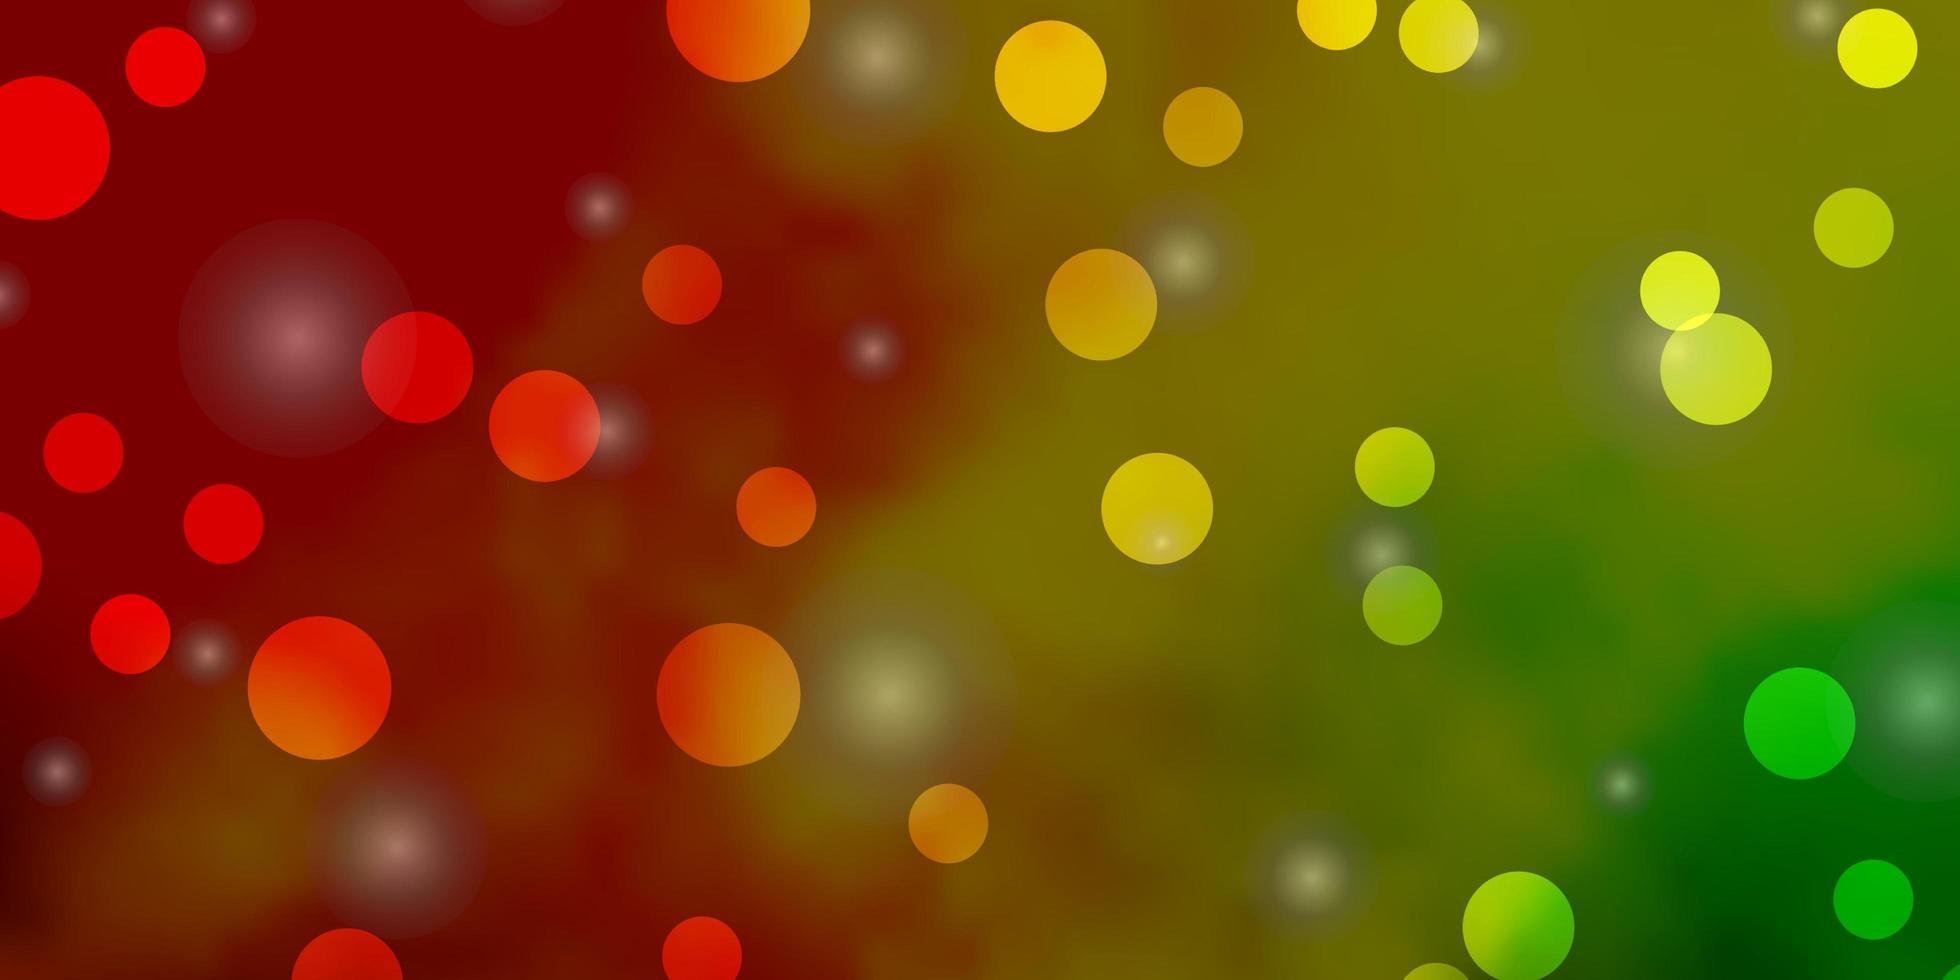 ljusrosa, gul vektorbakgrund med cirklar, stjärnor. vektor